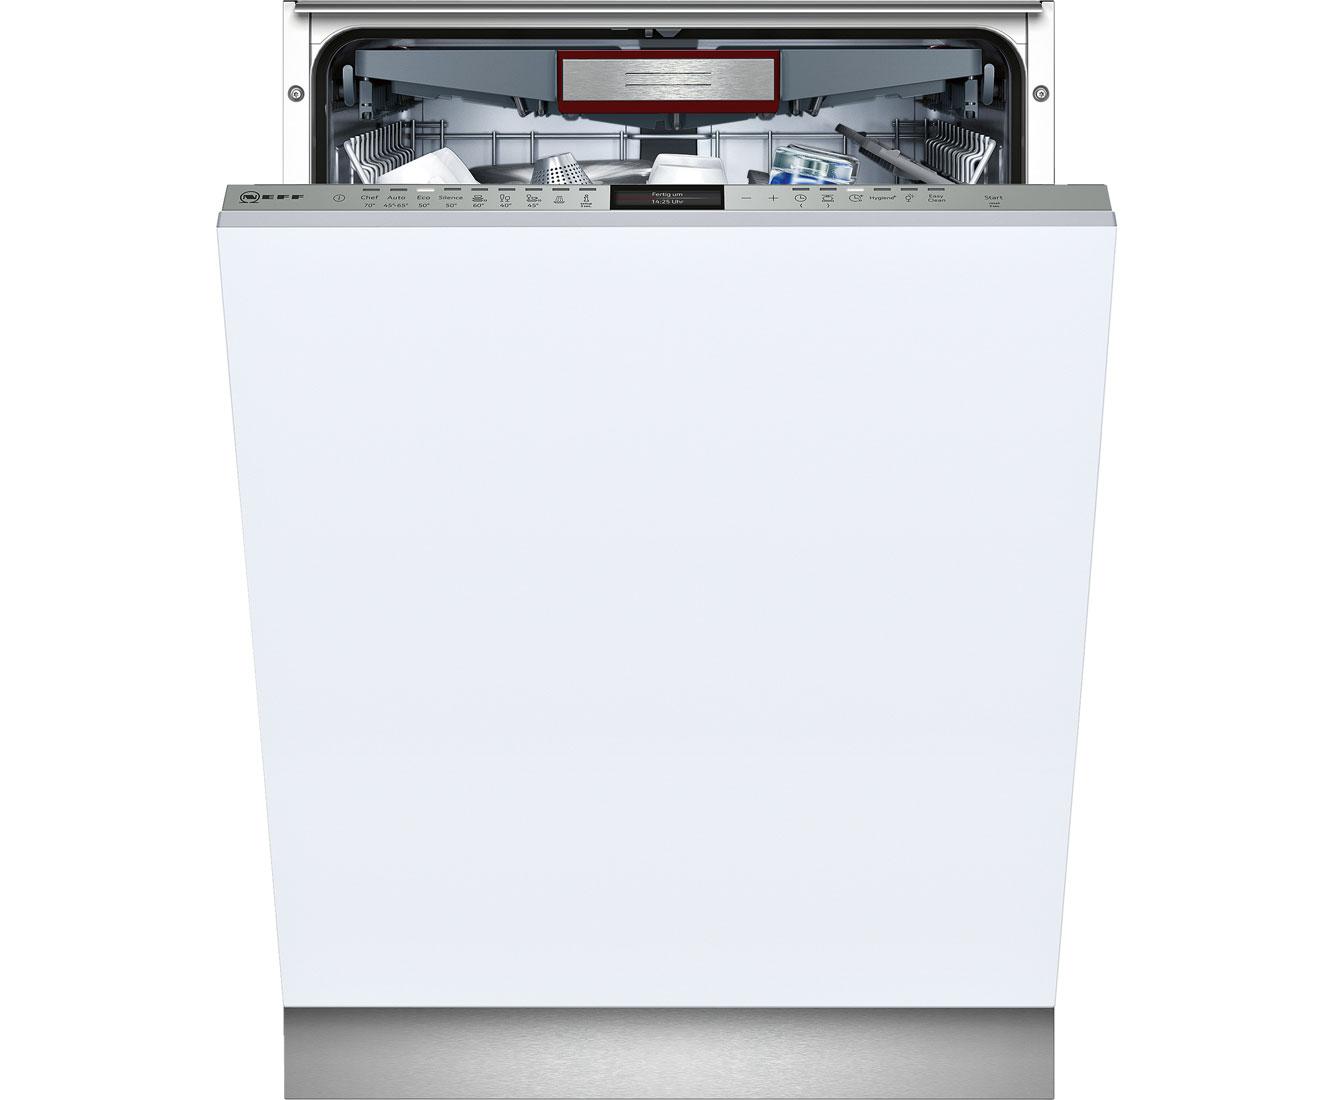 Neff GV 6801 T Geschirrspüler 60 cm - Edelstahl | Küche und Esszimmer > Küchenelektrogeräte | Edelstahl | Neff